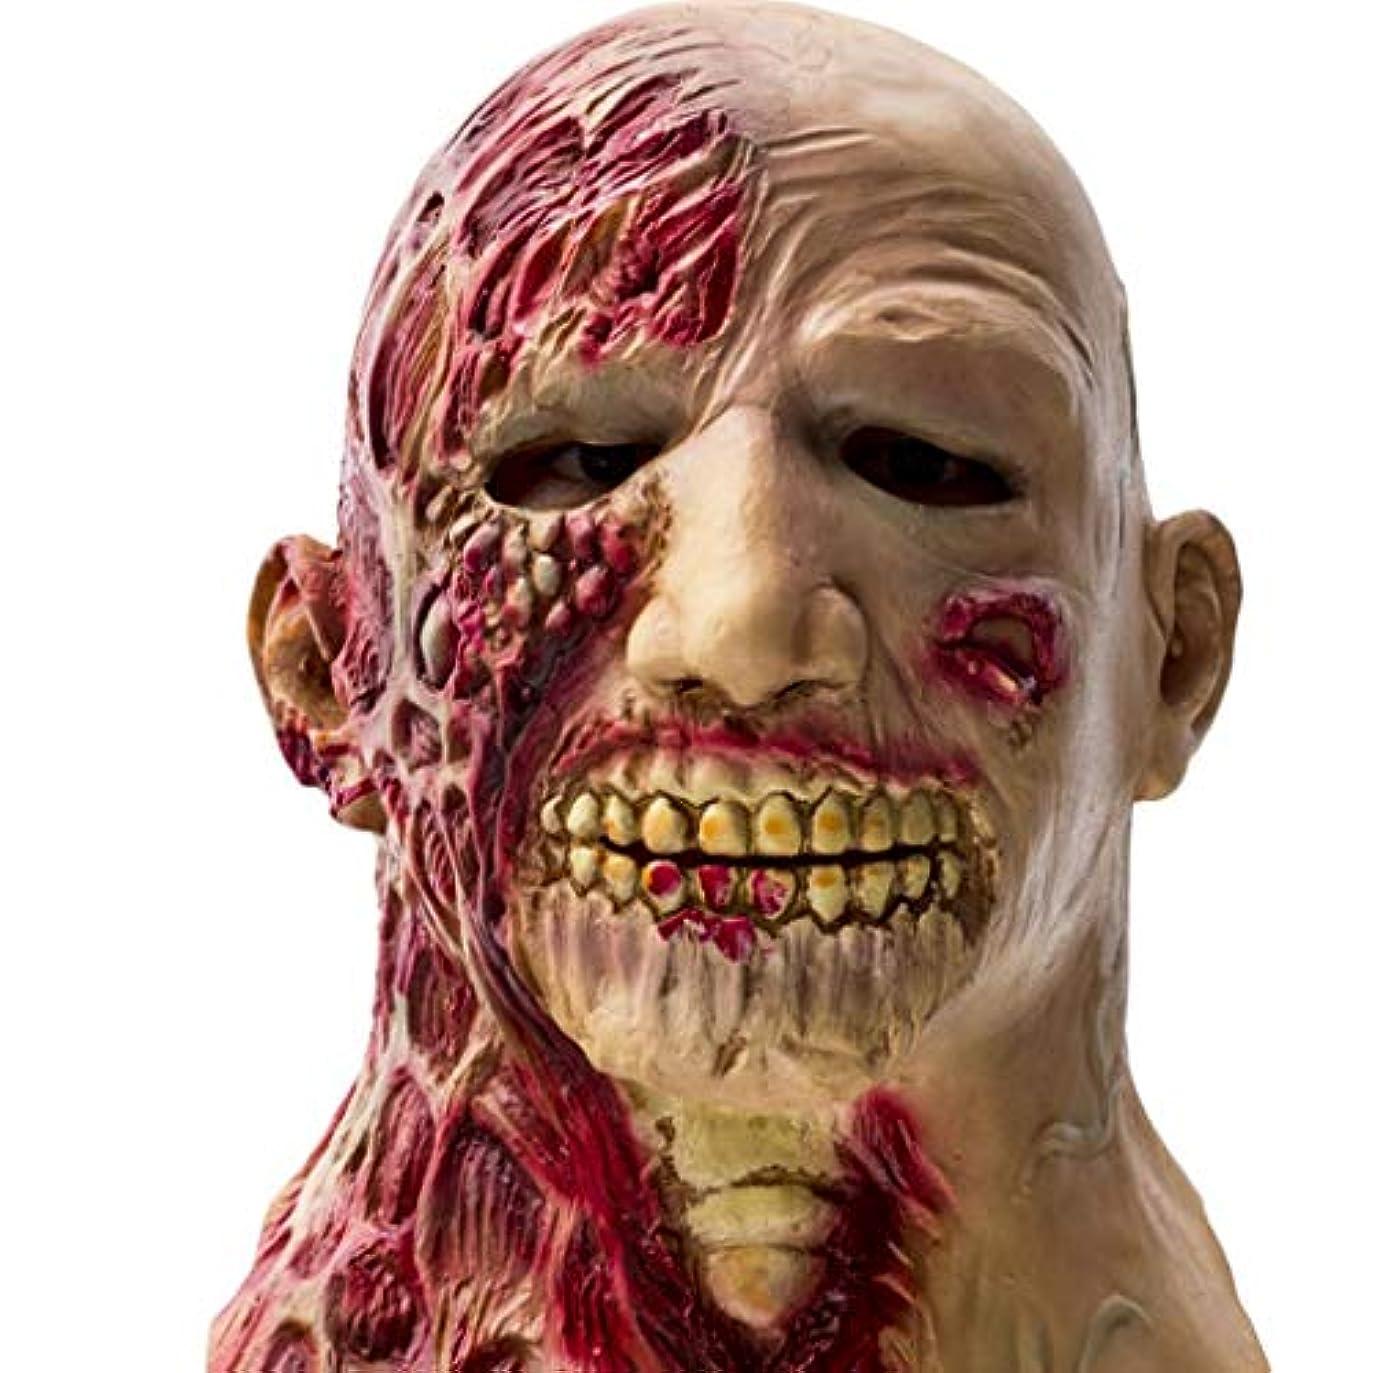 長くする湿ったグッゲンハイム美術館ハロウィン大人のラテックスホラーマスクしかめっ面マスクパーティーマスク怖い悪魔マスク映画小道具仮面舞踏会マスク